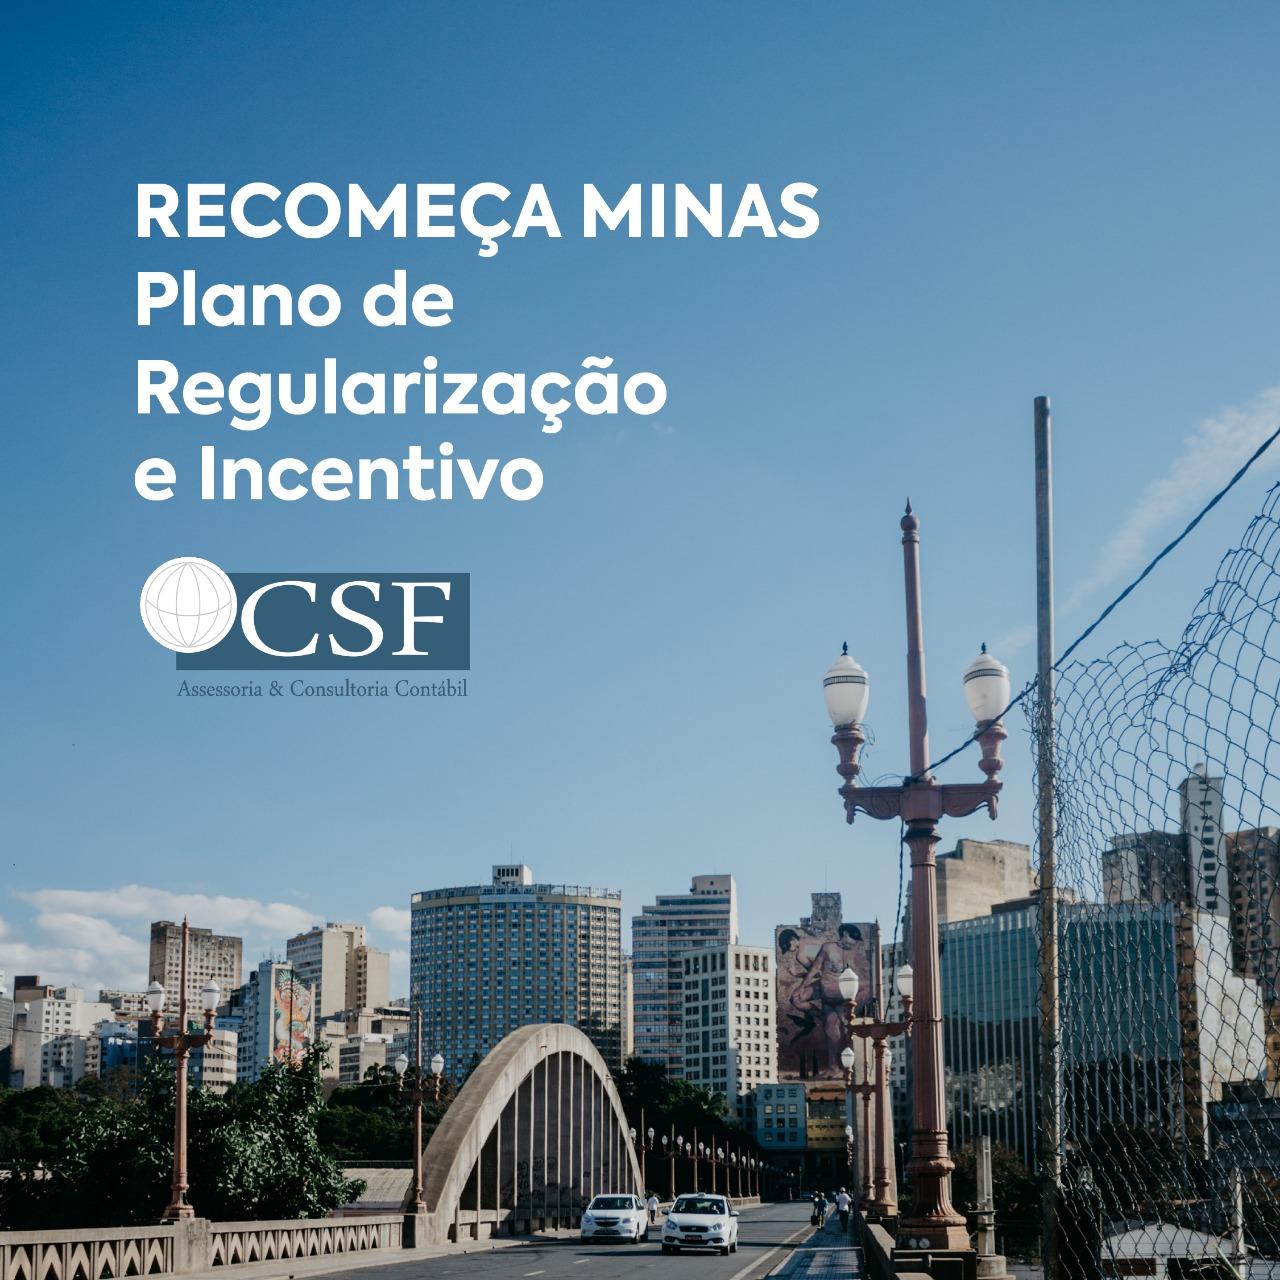 RECOMEÇA MINAS –        Plano de Regularização e Incentivo